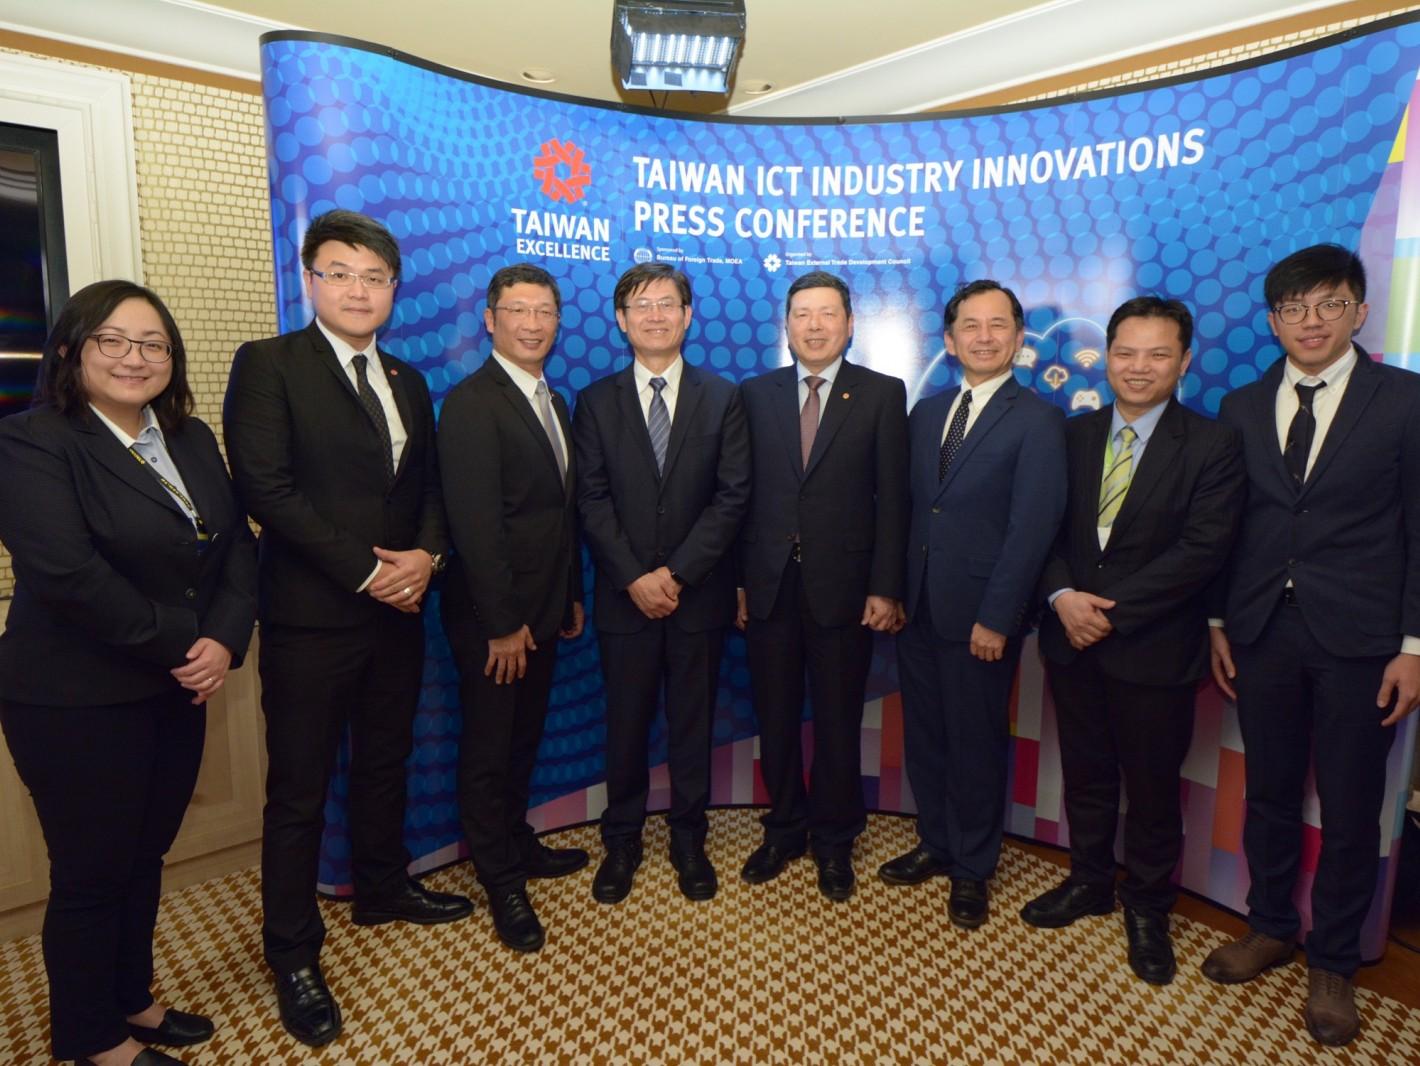 2018年CES Taiwan ICT Industry Innovations國際記者會,由外貿協會葉明水秘書長(右四)主持,科技部許有進次長(左四)及工研院國際中心主任王韶華(右三)均出席與會。宏佳騰(左二)、經緯航太(左三)、台灣骨王(右二)、麗暘科技(右一)於會中發表新產品。